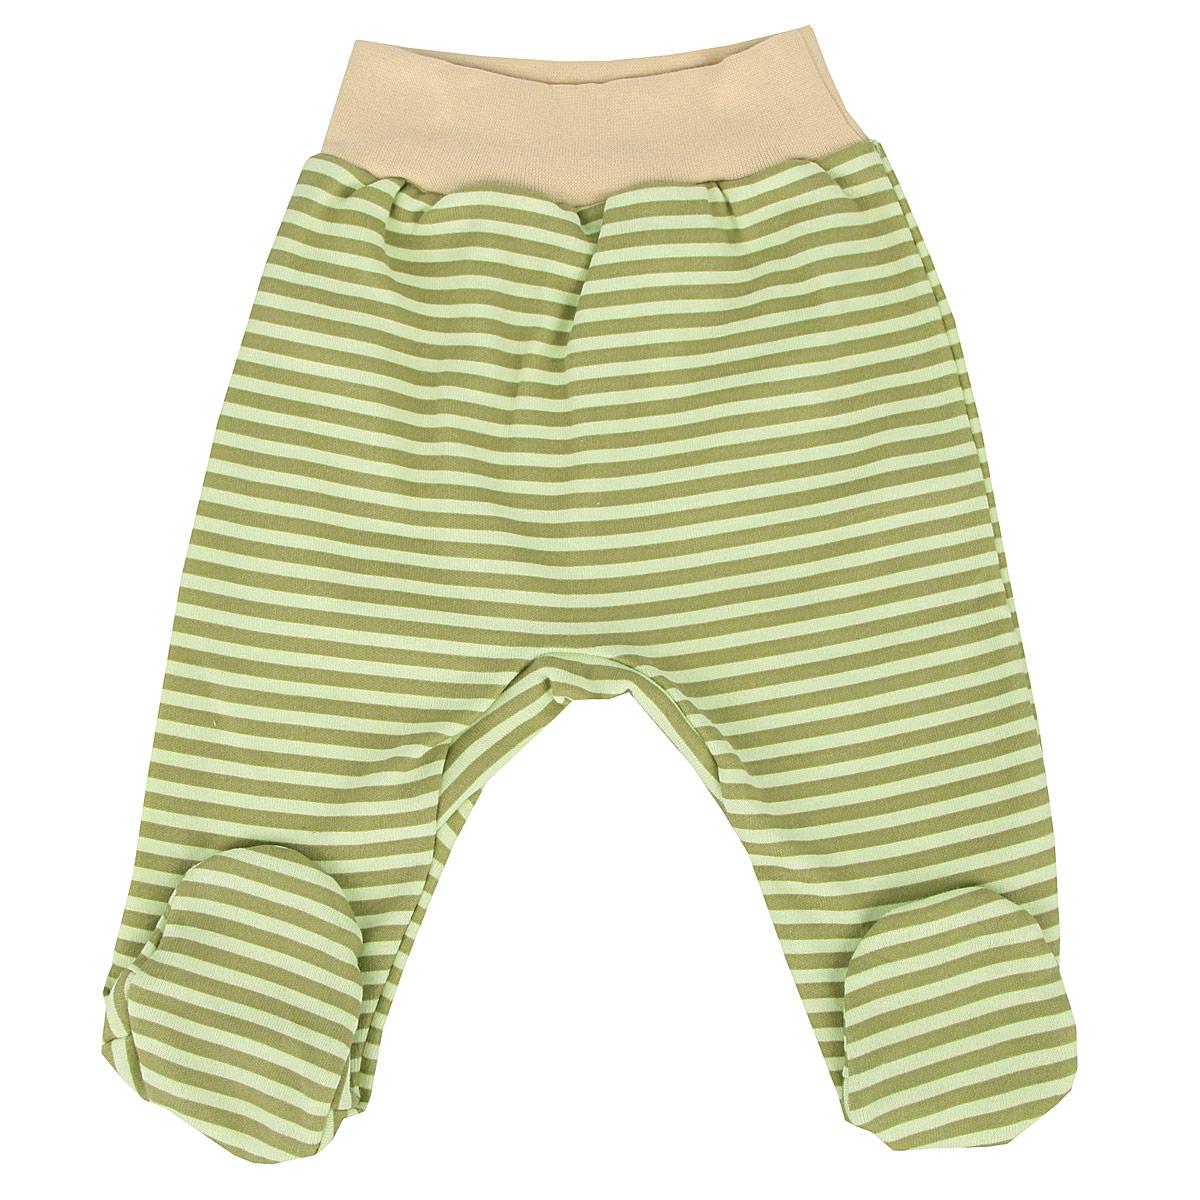 Ползунки на широком поясе для мальчика. 52835283Удобные ползунки для новорожденного КотМарКот на широком поясе послужат идеальным дополнением к гардеробу вашего малыша. Ползунки, изготовленные из натурального хлопка - интерлока, они необычайно мягкие и легкие, не раздражают нежную кожу ребенка и хорошо вентилируются, а эластичные швы приятны телу младенца и не препятствуют его движениям. Ползунки с закрытыми ножками благодаря мягкому эластичному поясу не сдавливают животик ребенка и не сползают, обеспечивая ему наибольший комфорт, идеально подходят для ношения с подгузником и без него. Изделие оформлено принтом в полоску. Ползунки отлично сочетаются с футболками, кофточками и боди. В них вашему малышу будет уютно и комфортно!